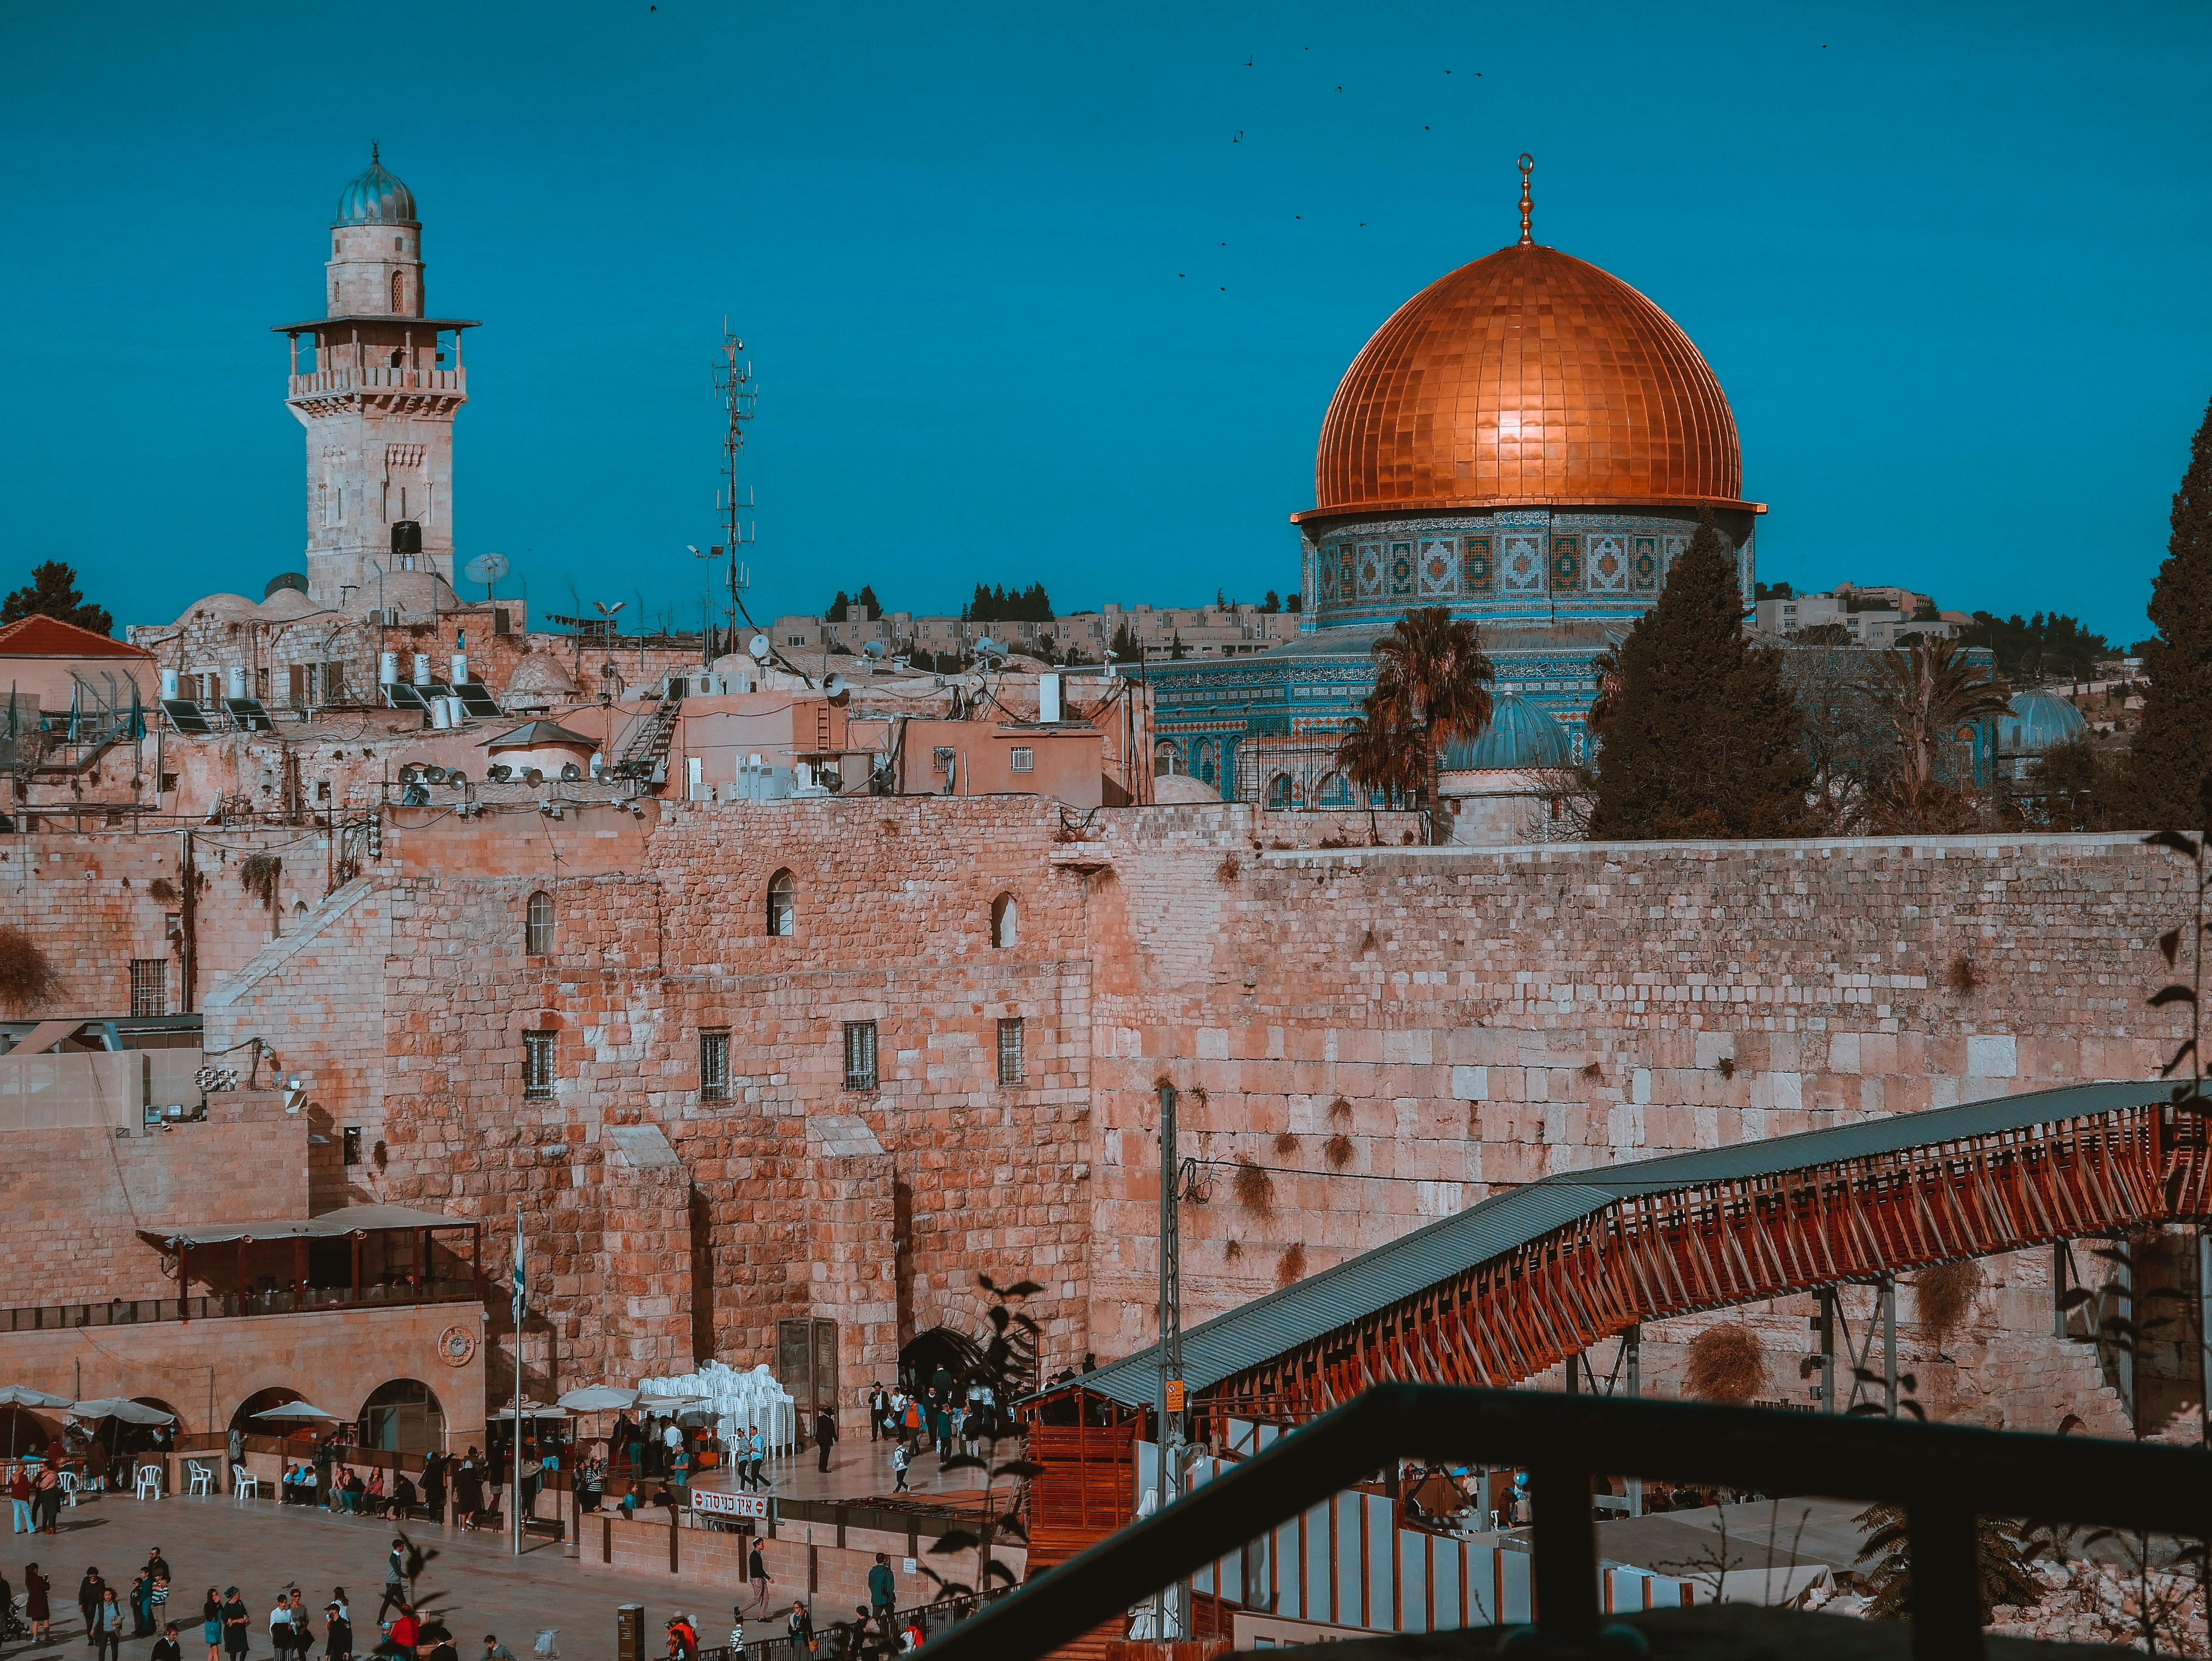 Israel Photo by Josh Appel on